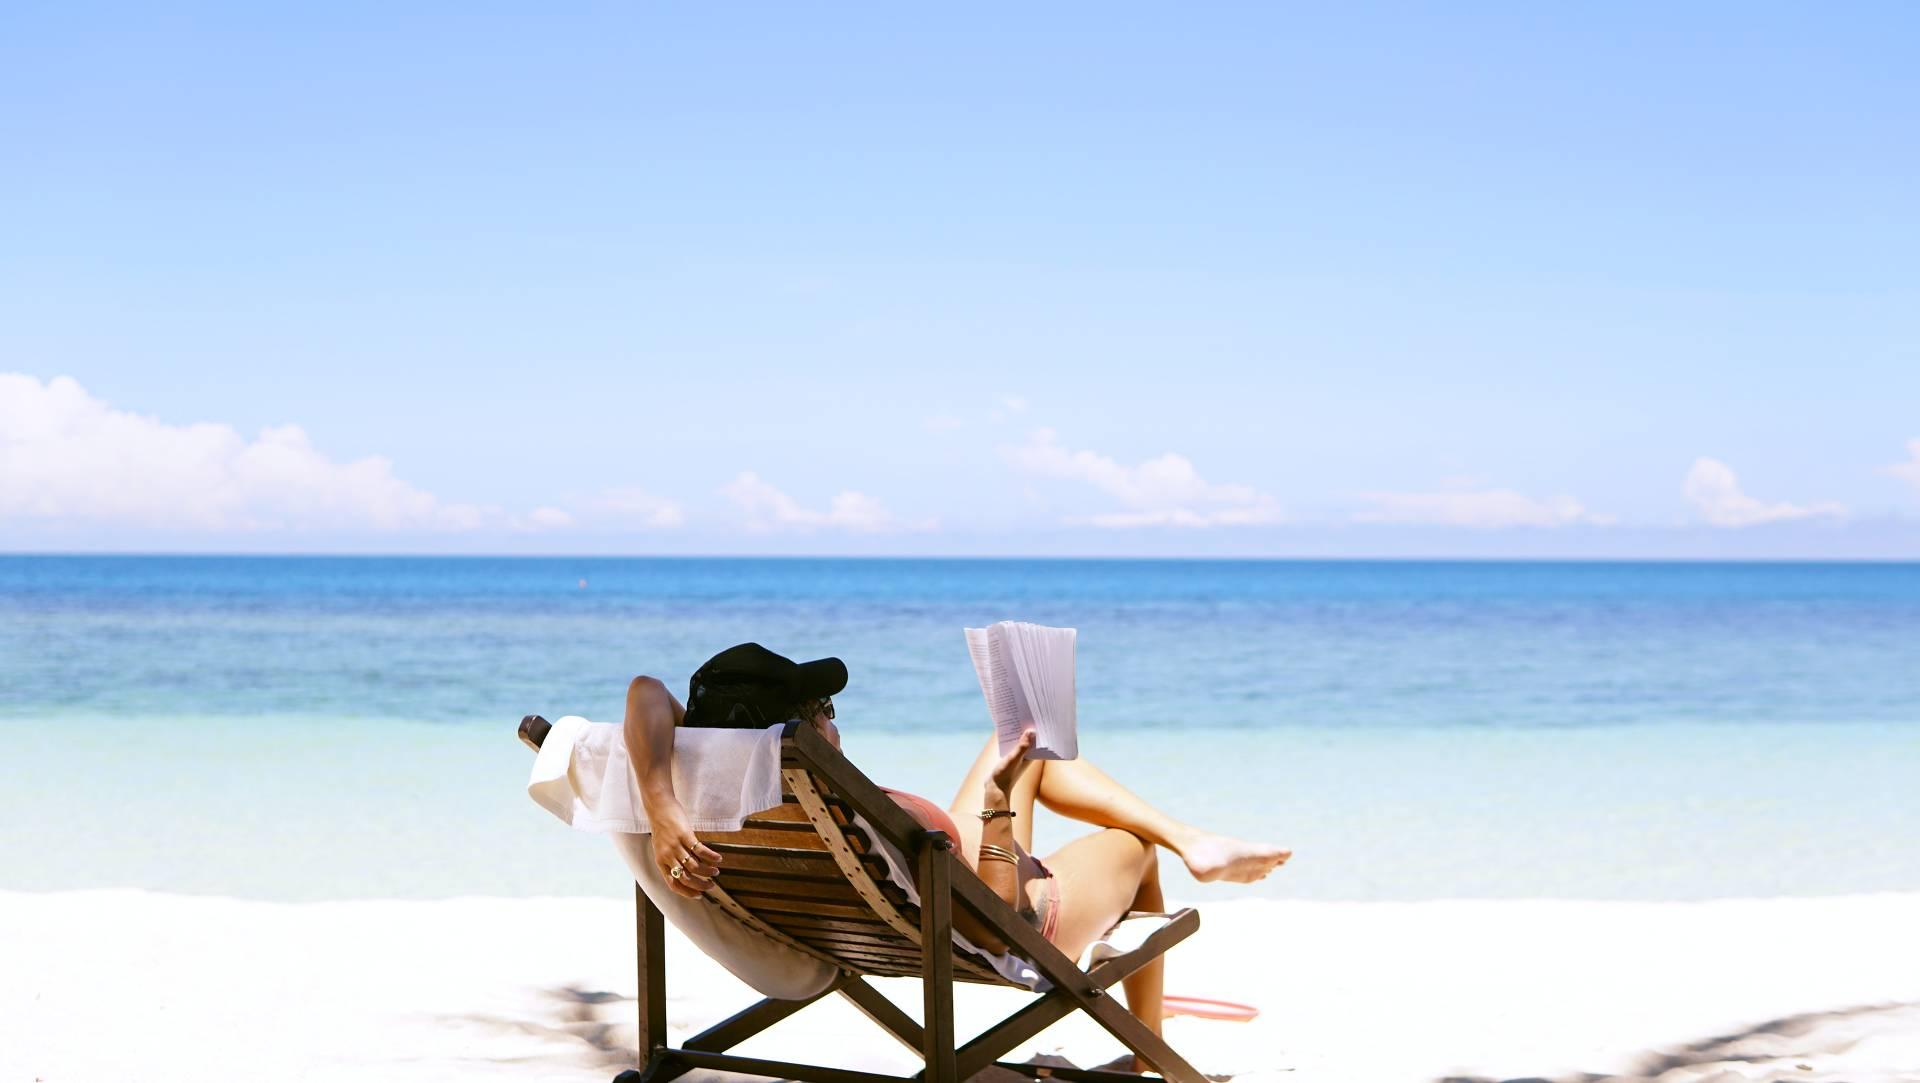 Sommerzeit ist in Deutschland traditionell Reisezeit. Doch in diesem Jahr ist wegen Corona alles etwas anders als in normalen Ferienzeiten.